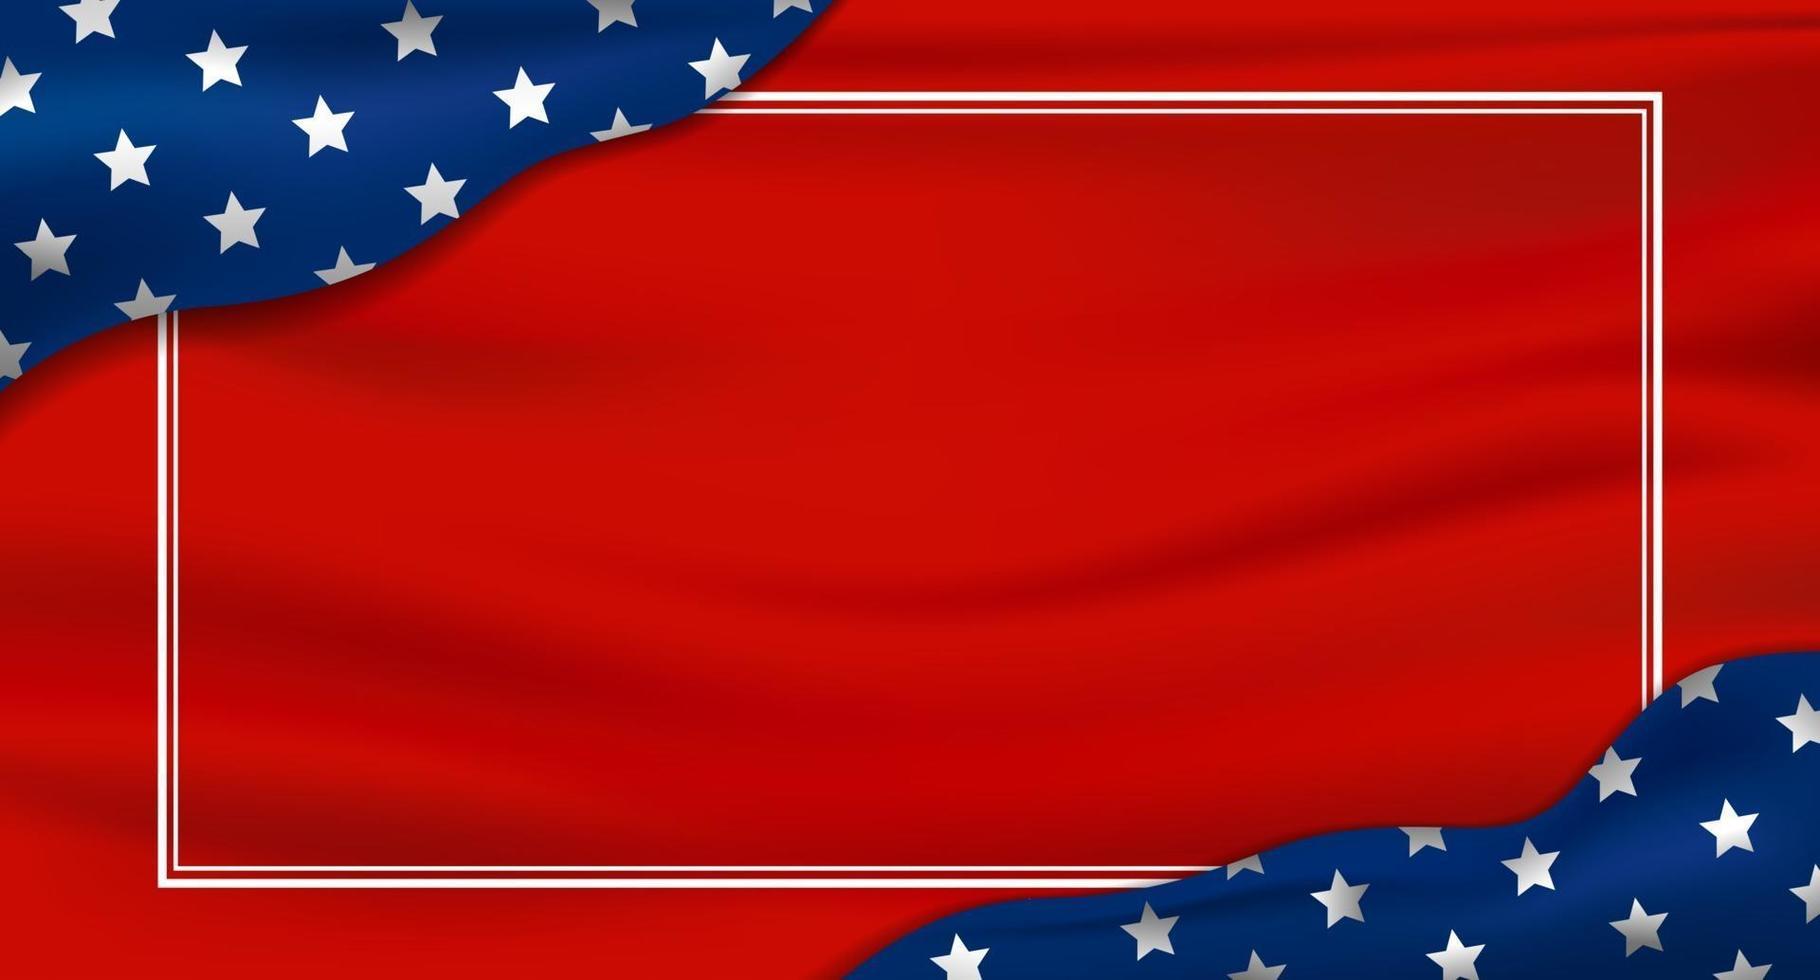 Fondo de vacaciones de Estados Unidos o Estados Unidos 4 de julio día de la independencia y otra celebración ilustración vectorial vector